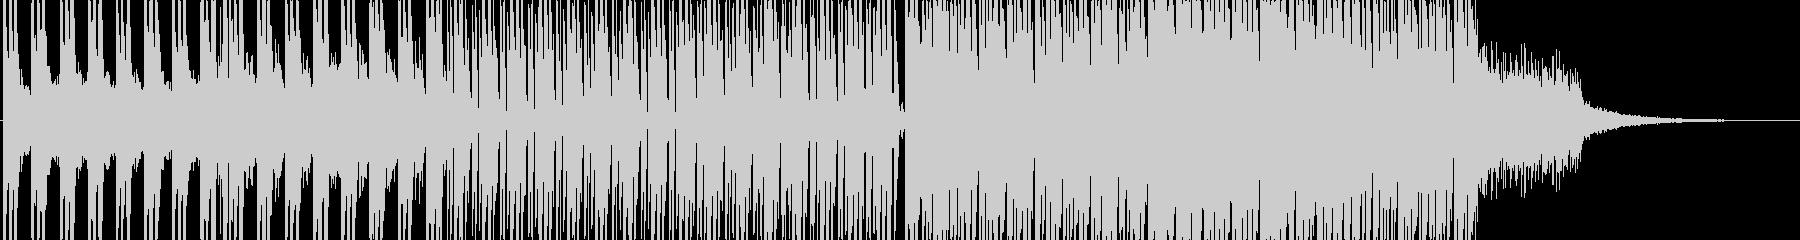 爽やかで前向きな四つ打ちポップスの未再生の波形